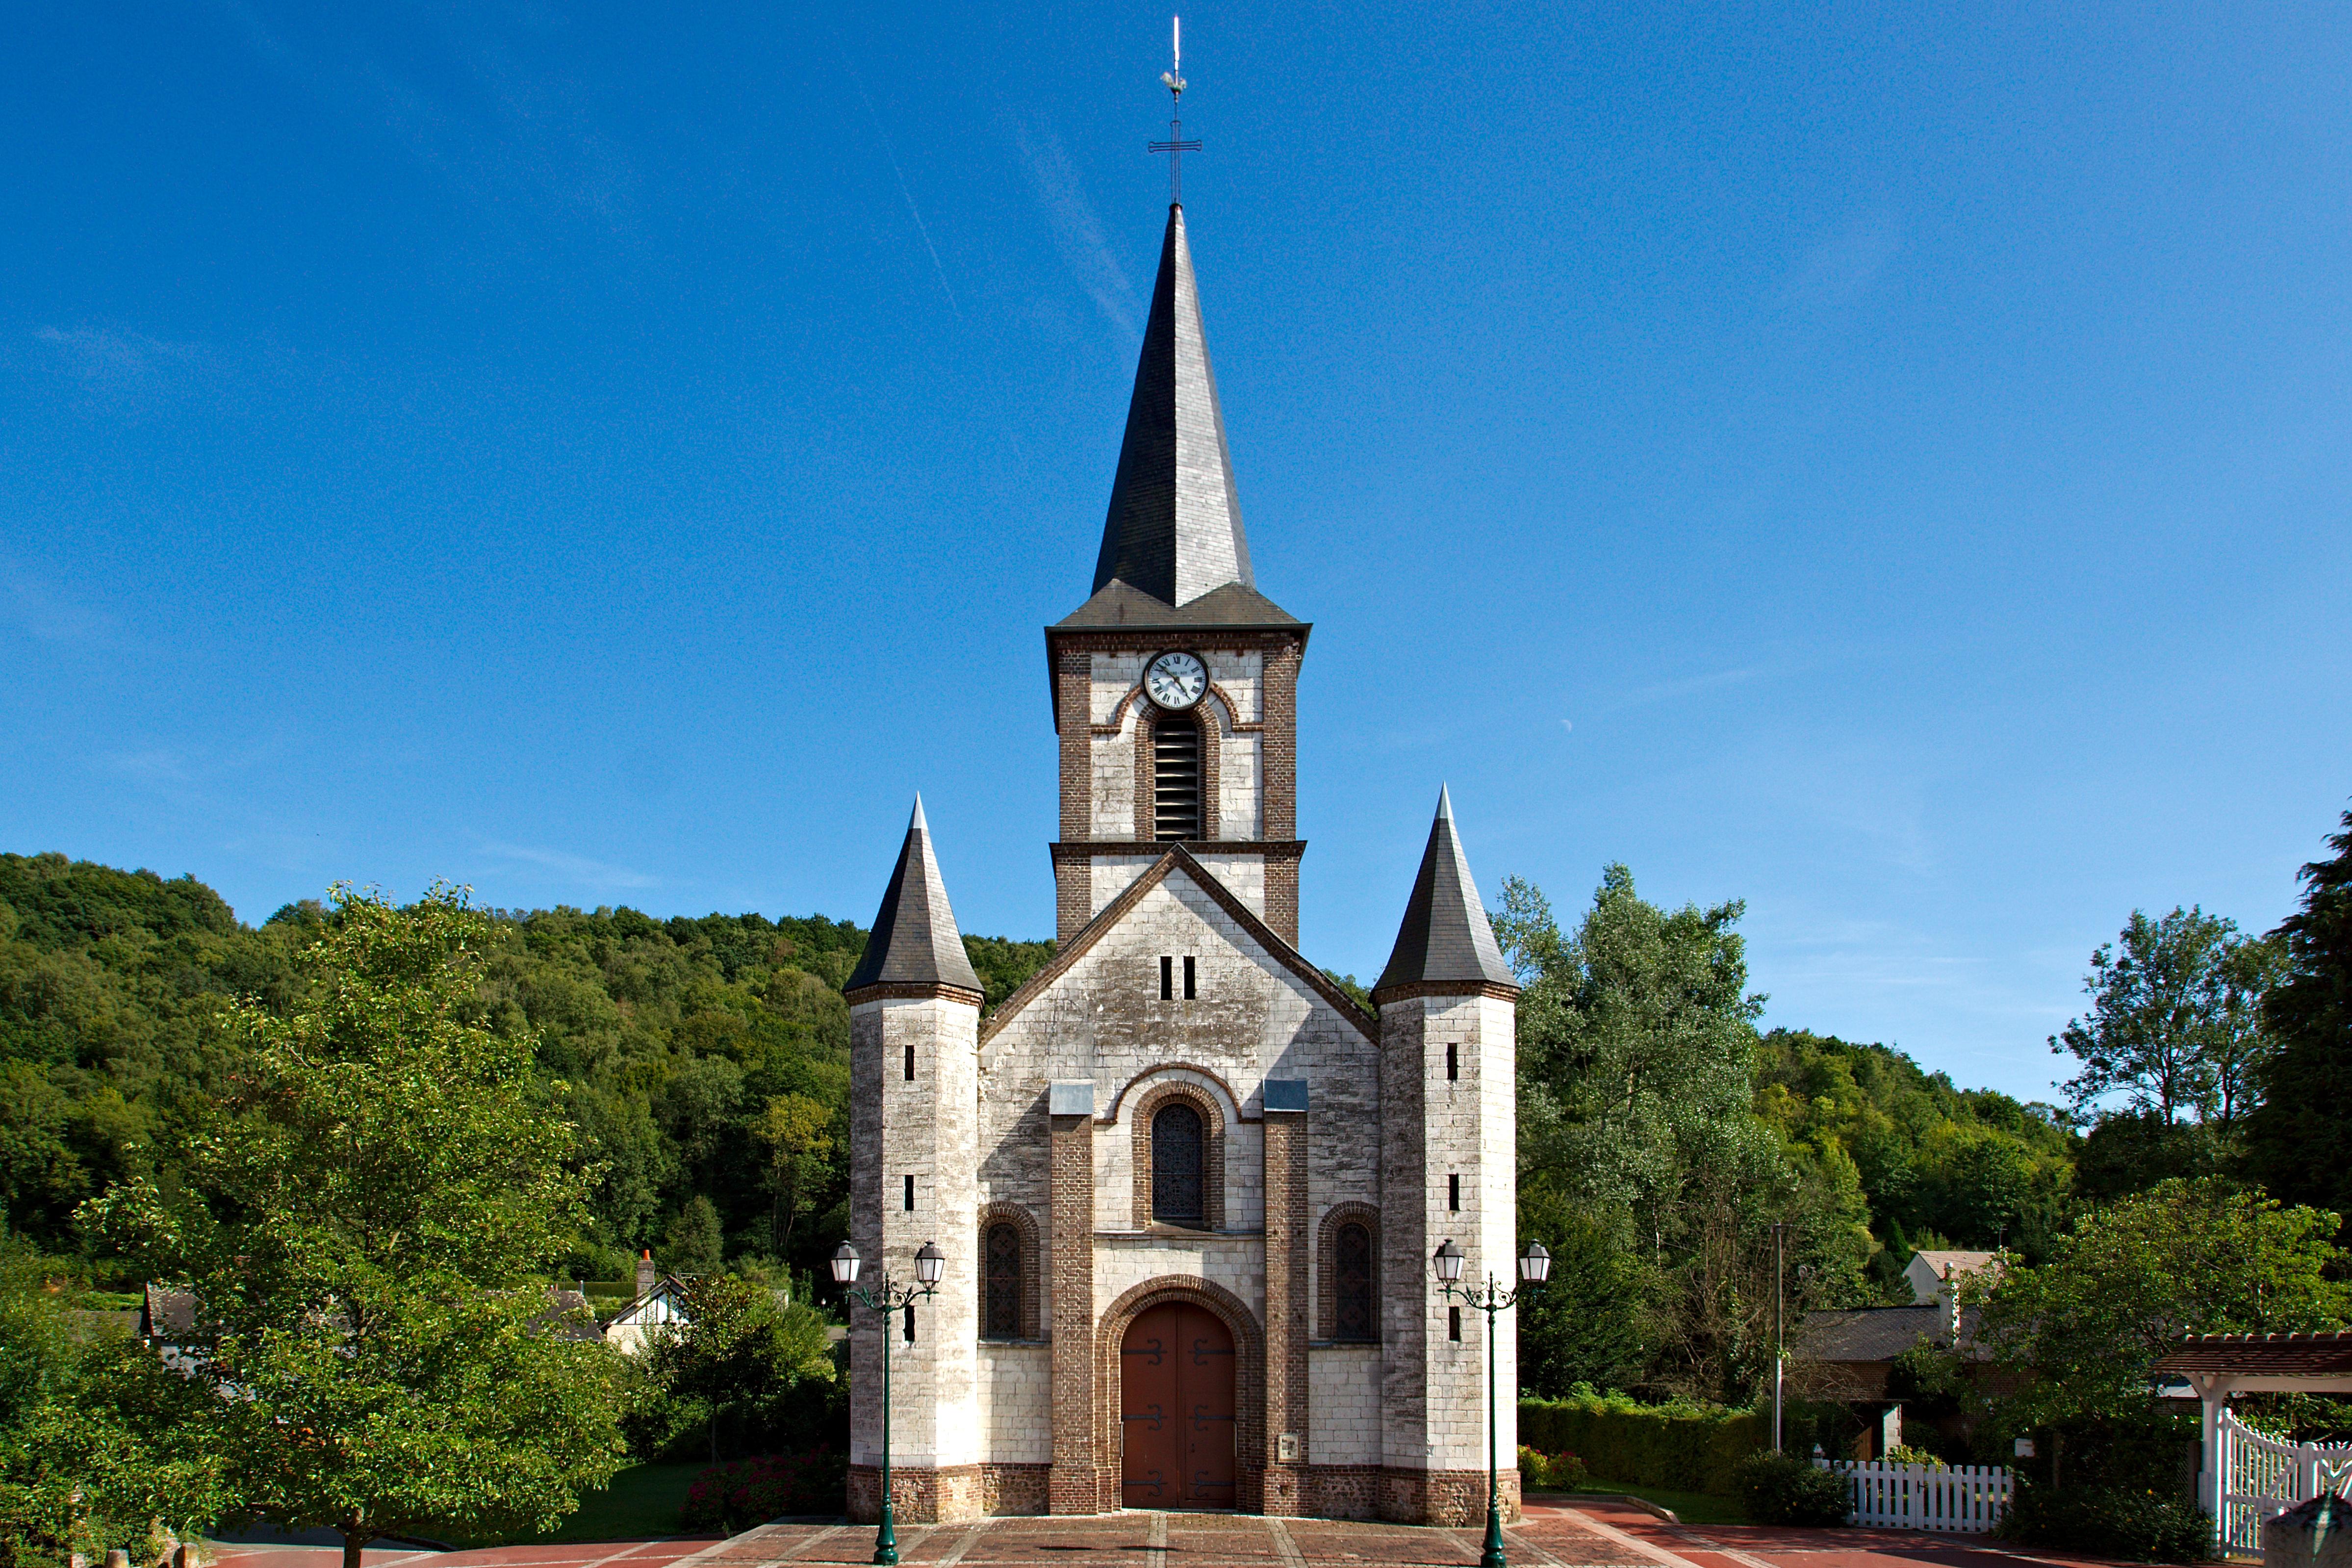 Saint-Martin-du-Vivier City